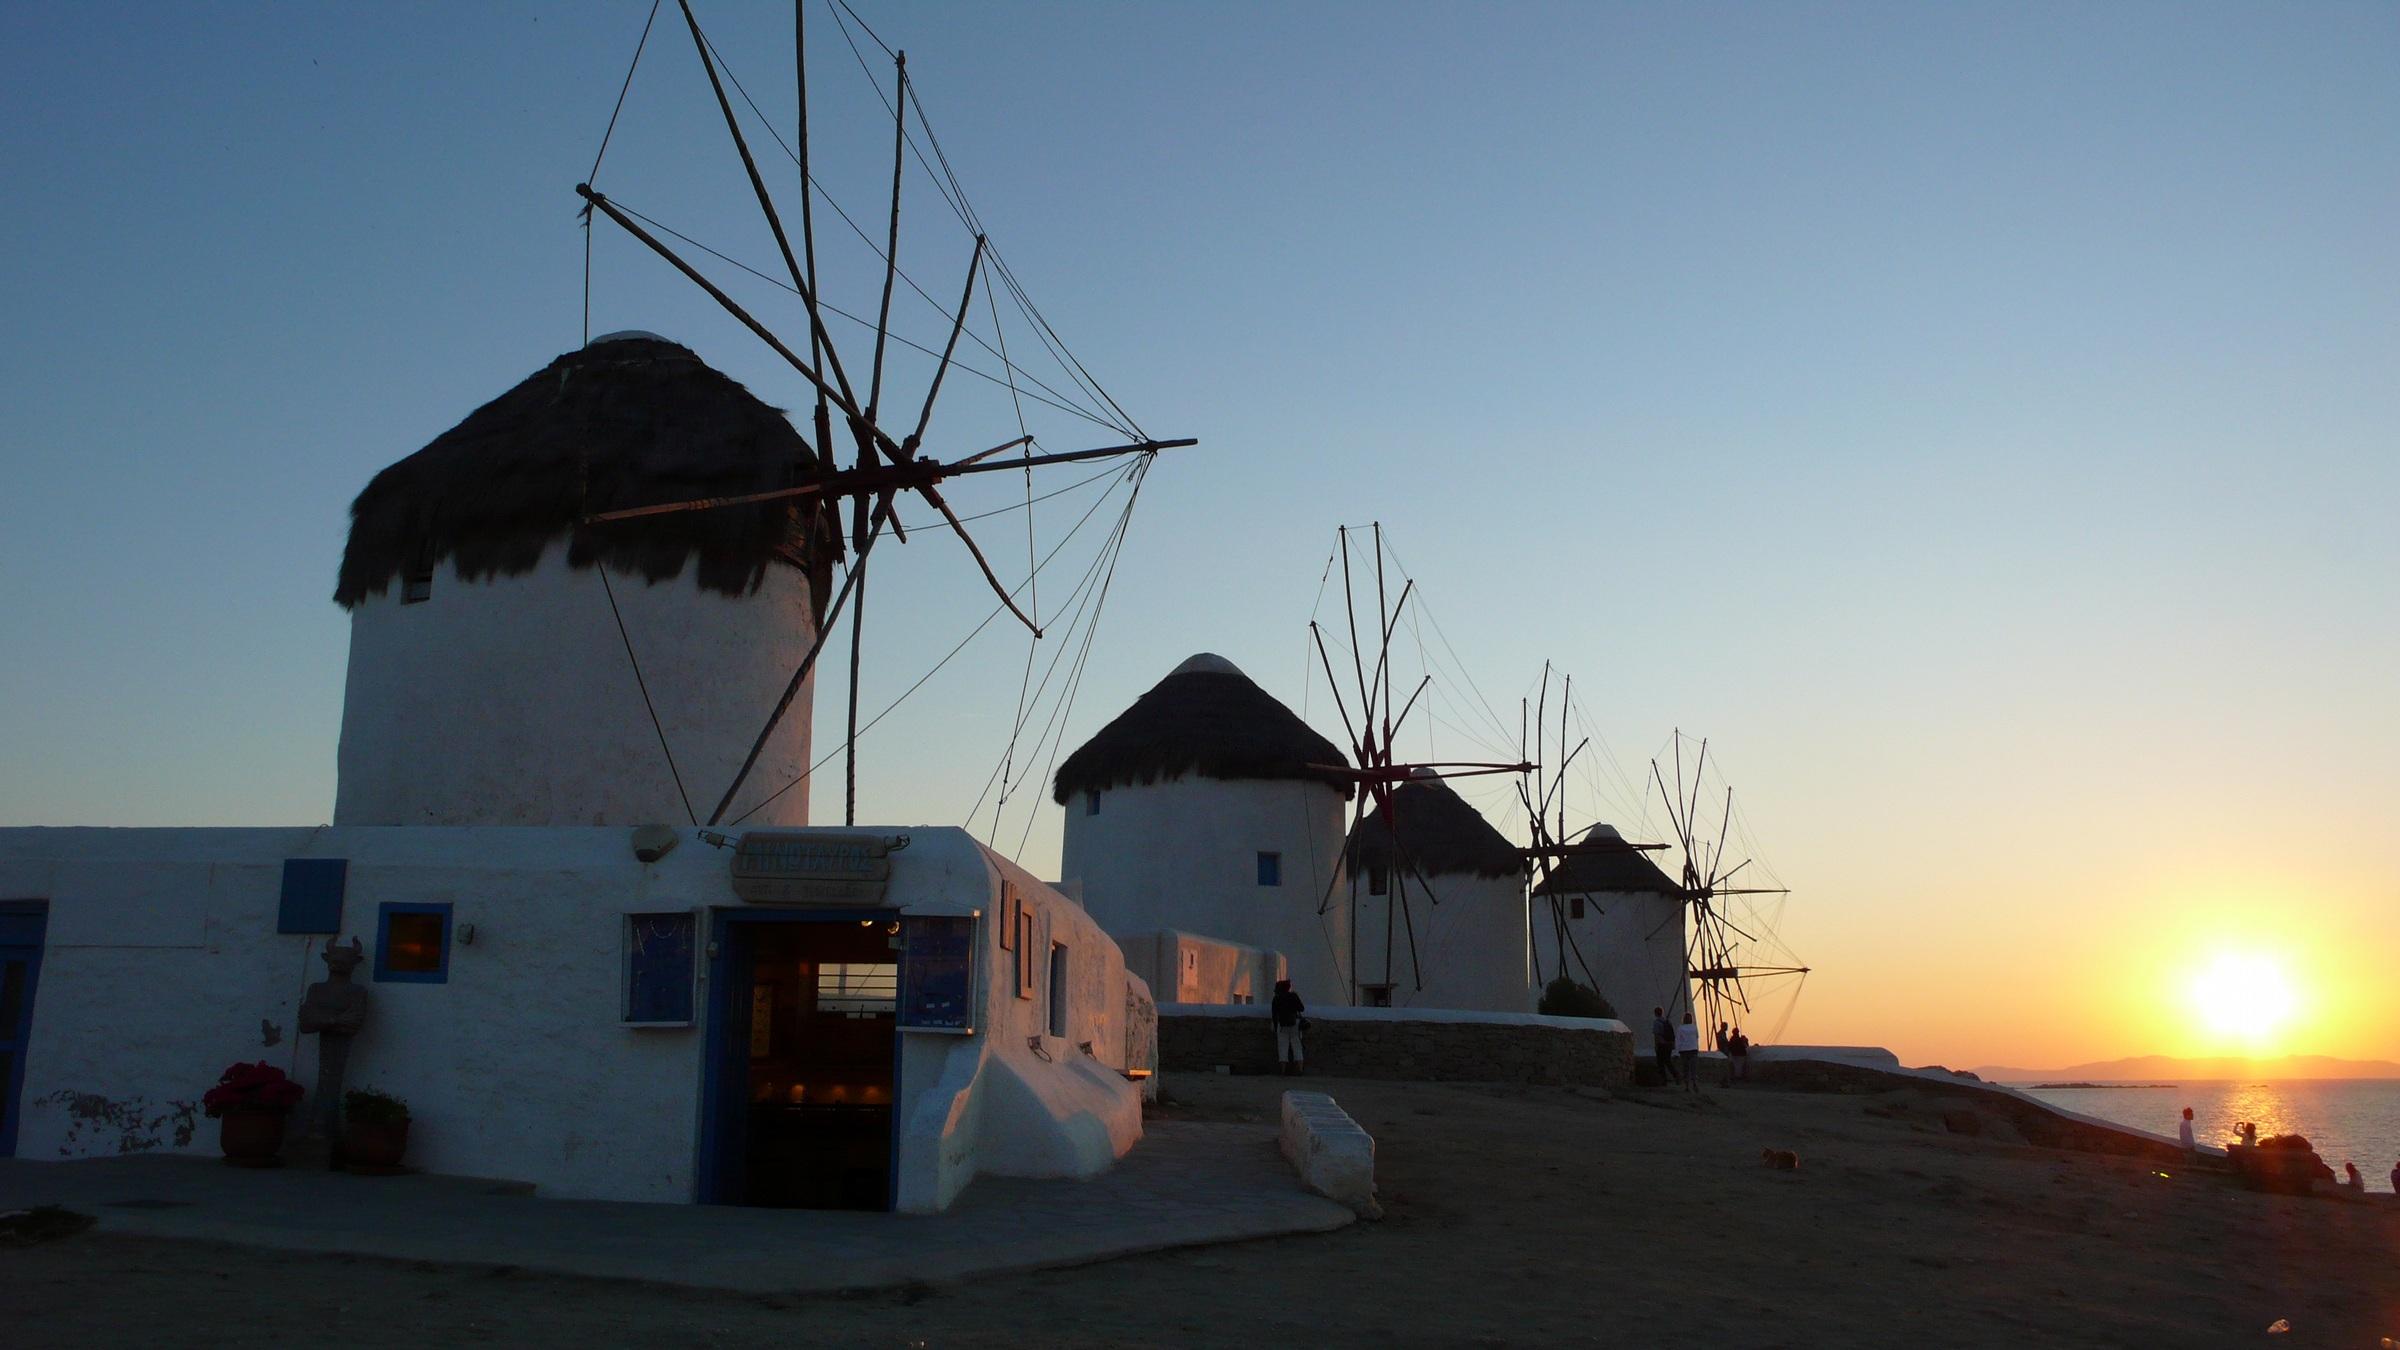 Crucero venecia e islas griegas 2017 desde venecia for Piscina un molino de viento y una sombrilla